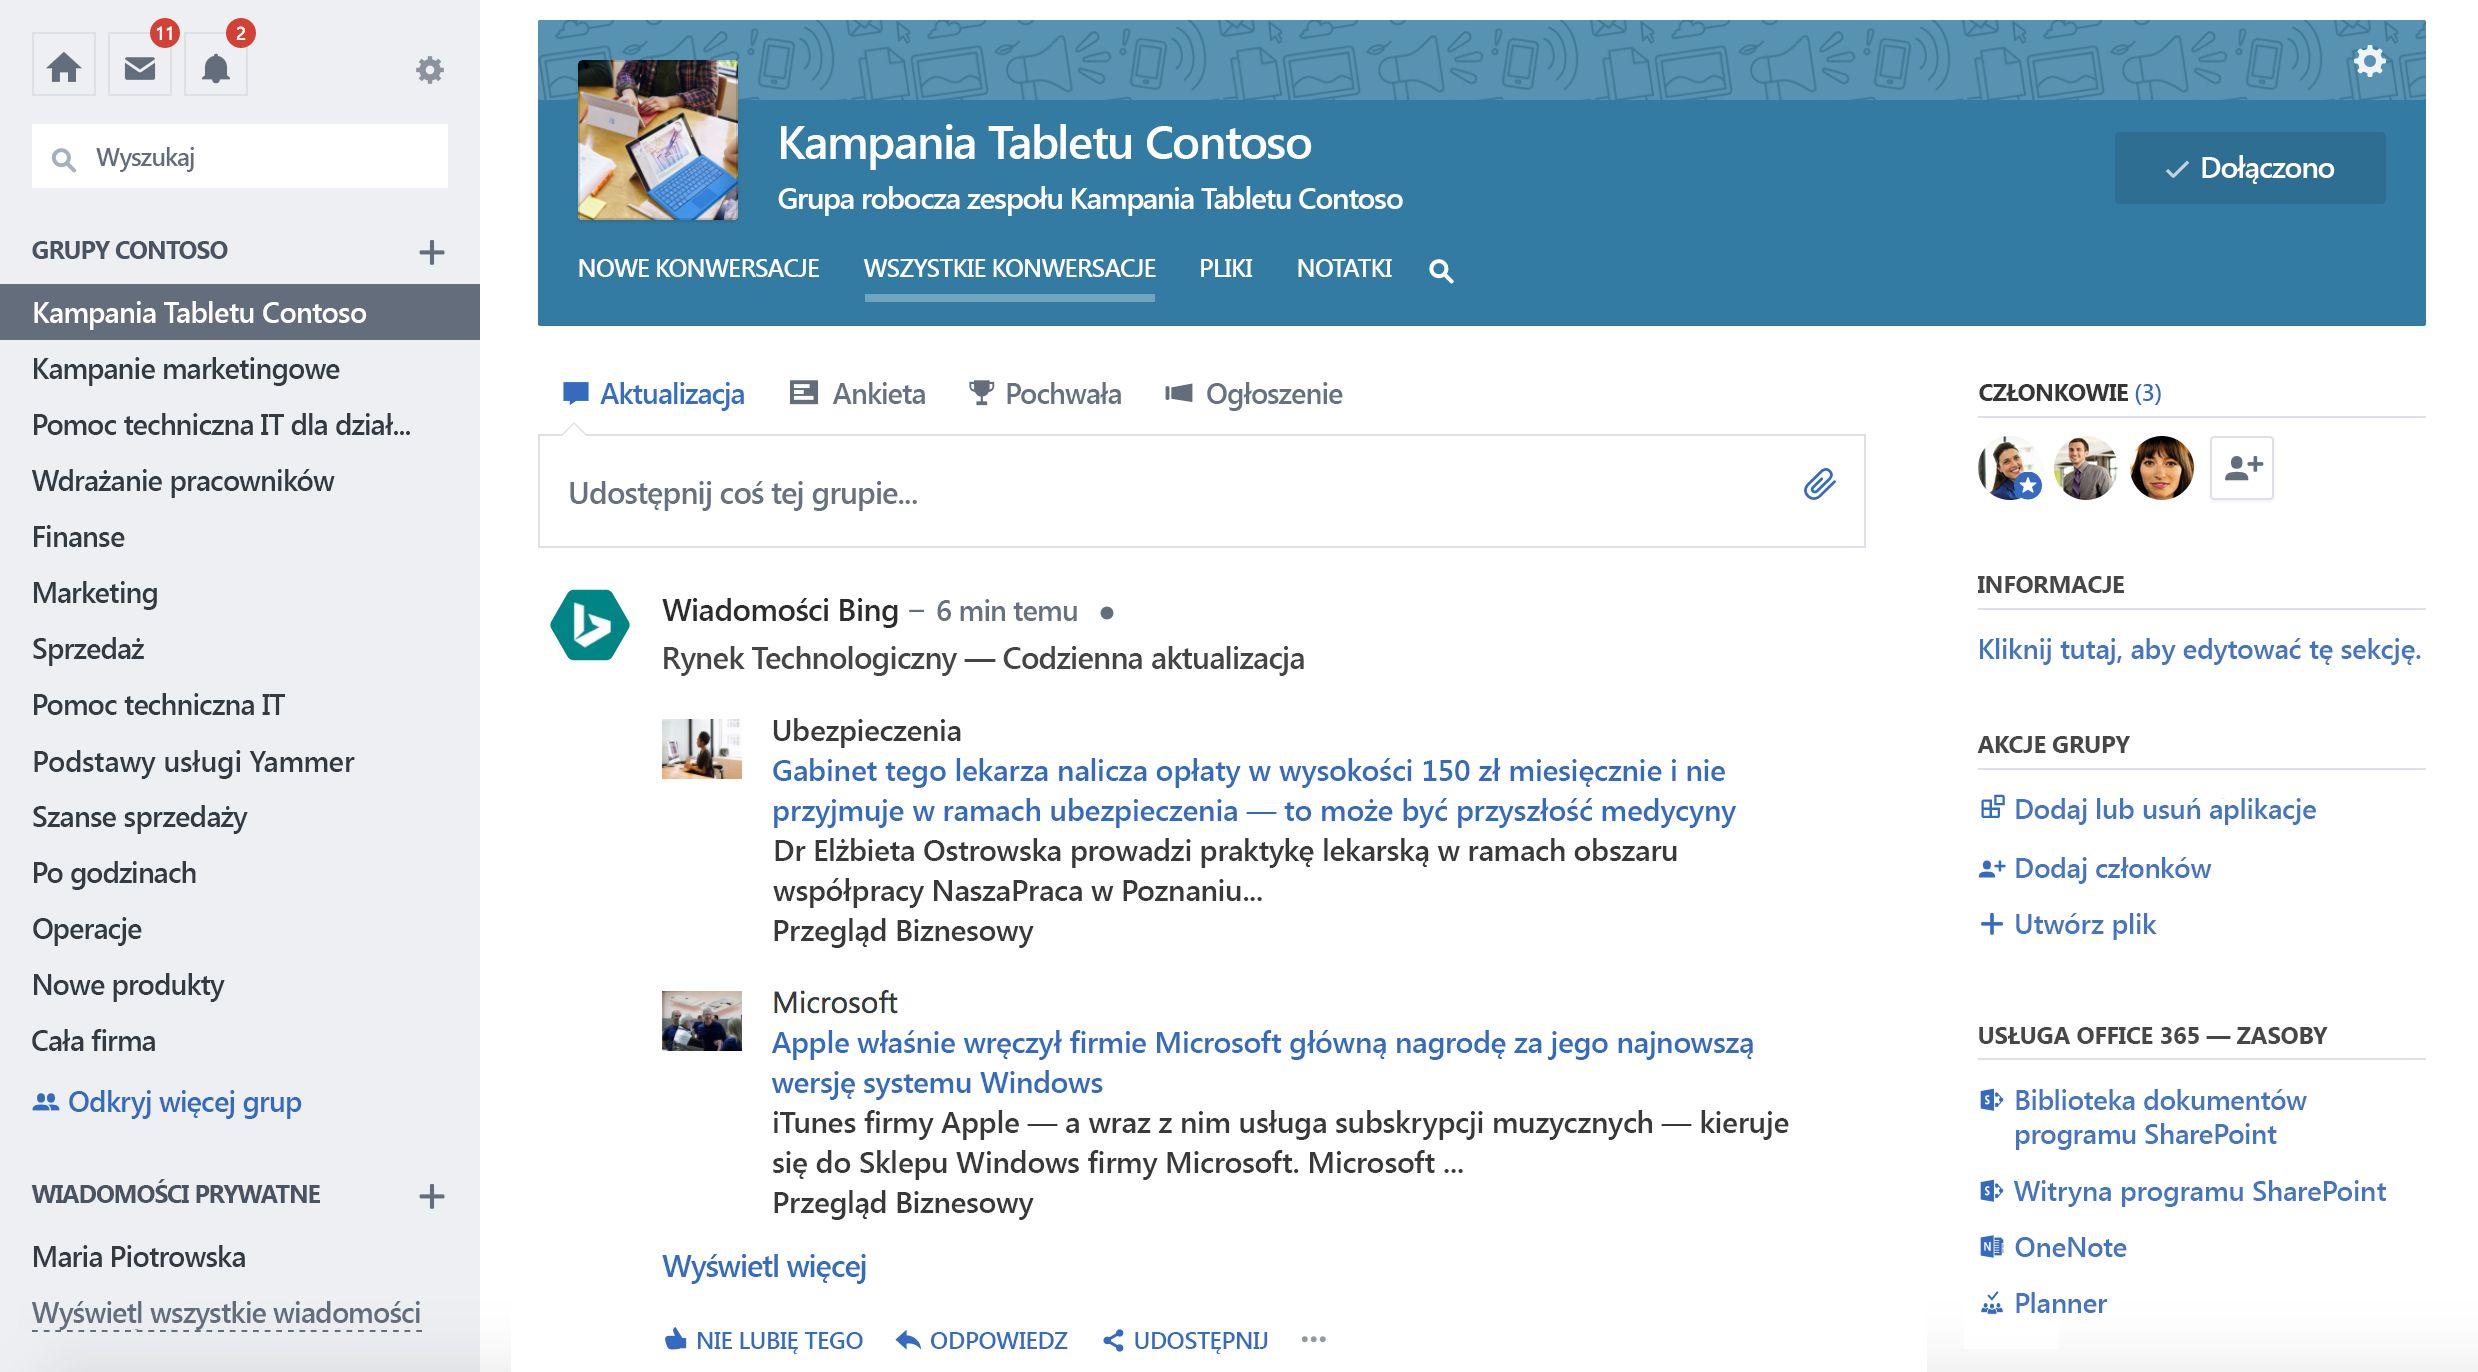 Zrzut ekranu: Aktualizacja grupy z usług innych firm